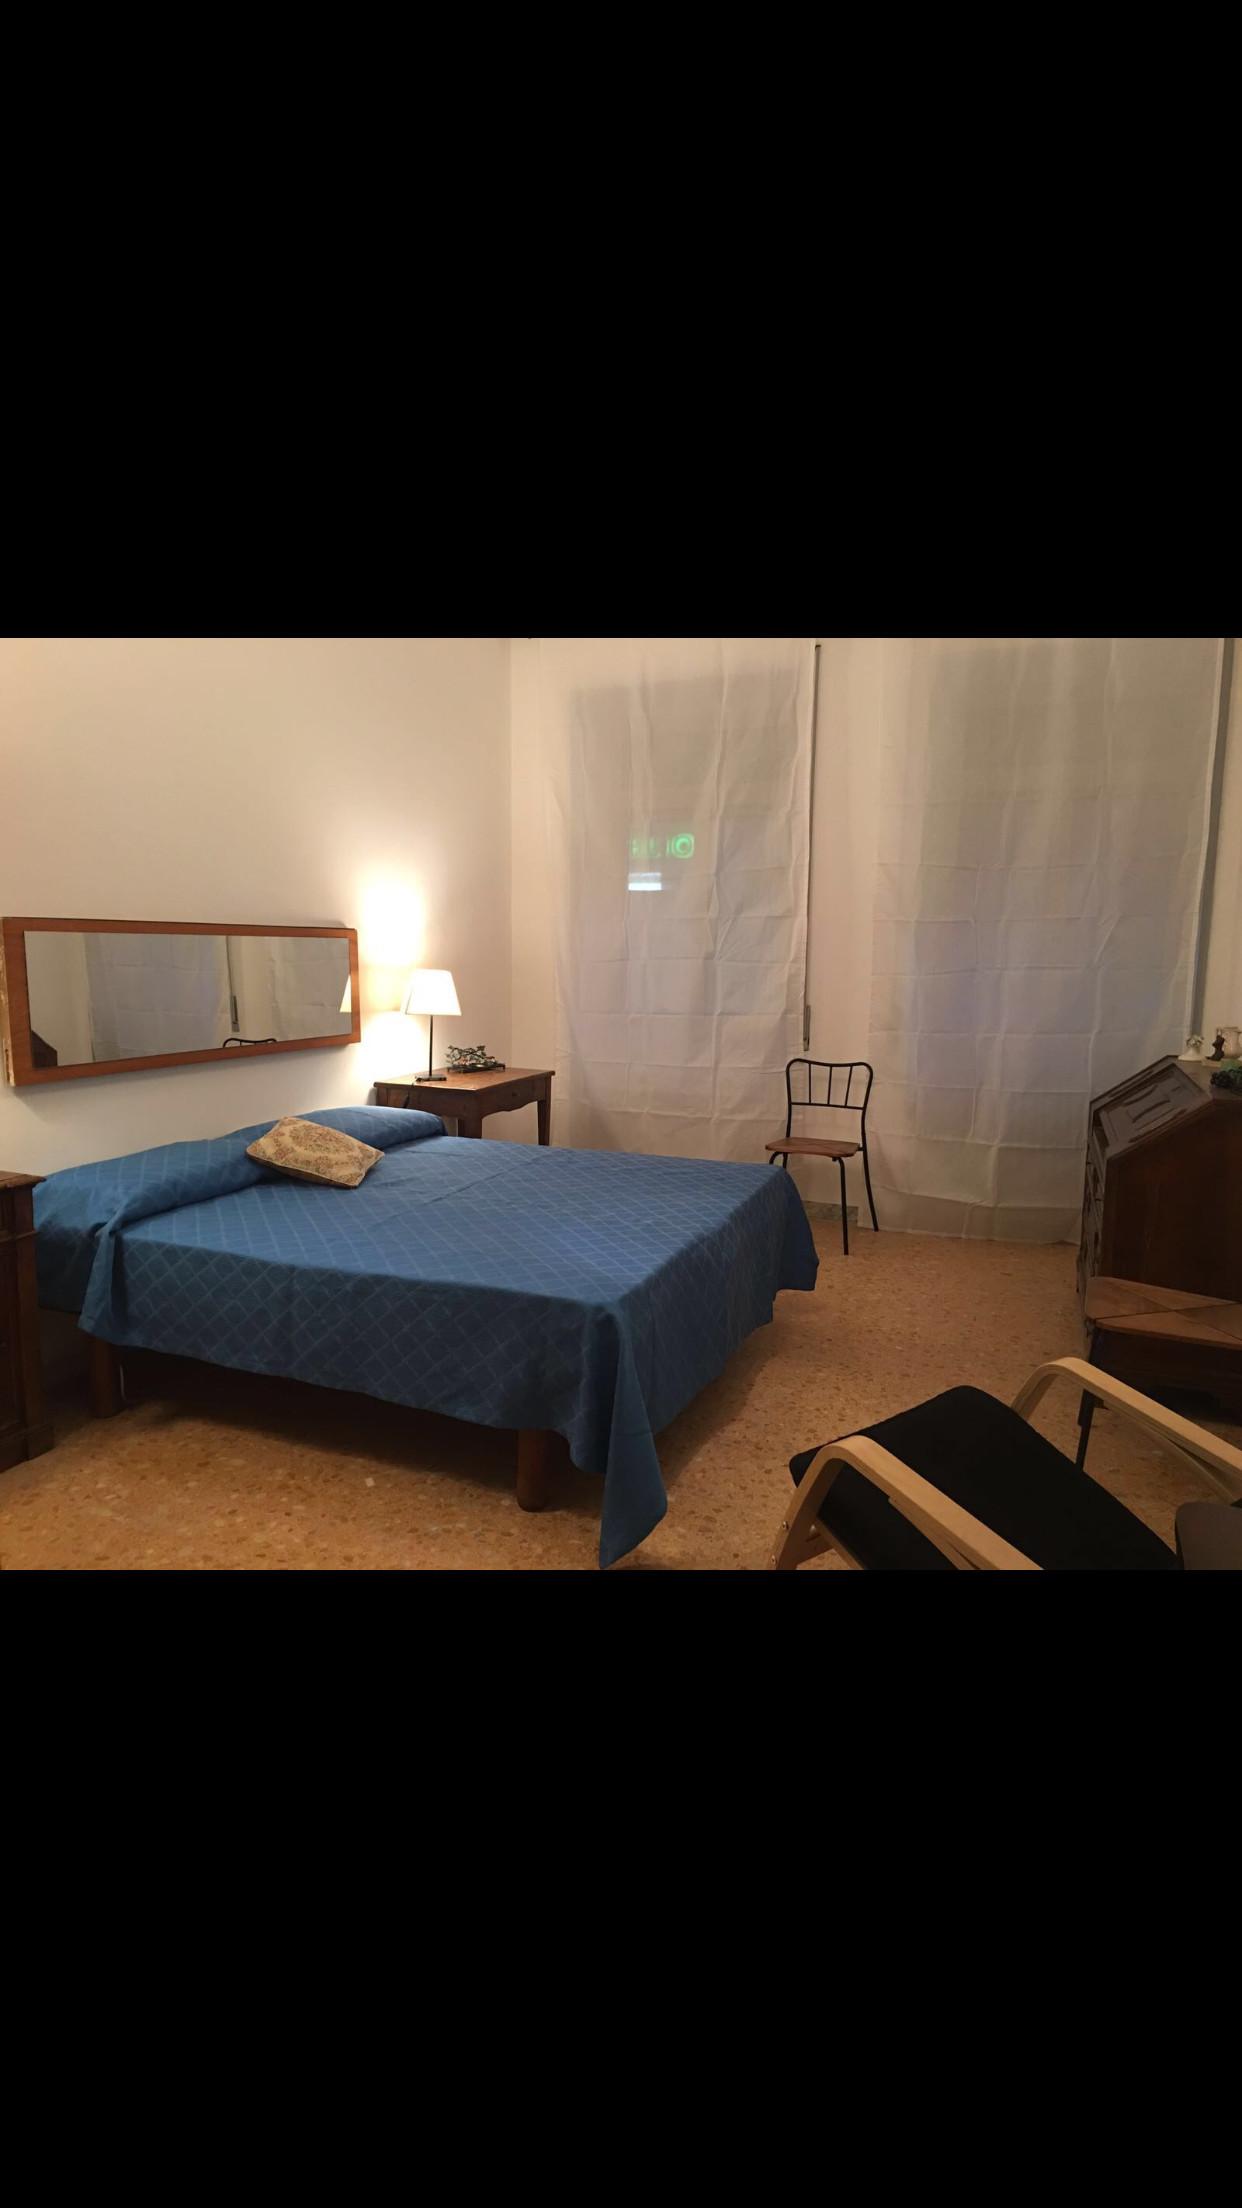 camere-appartamento-5fe61ffe183bf006504a